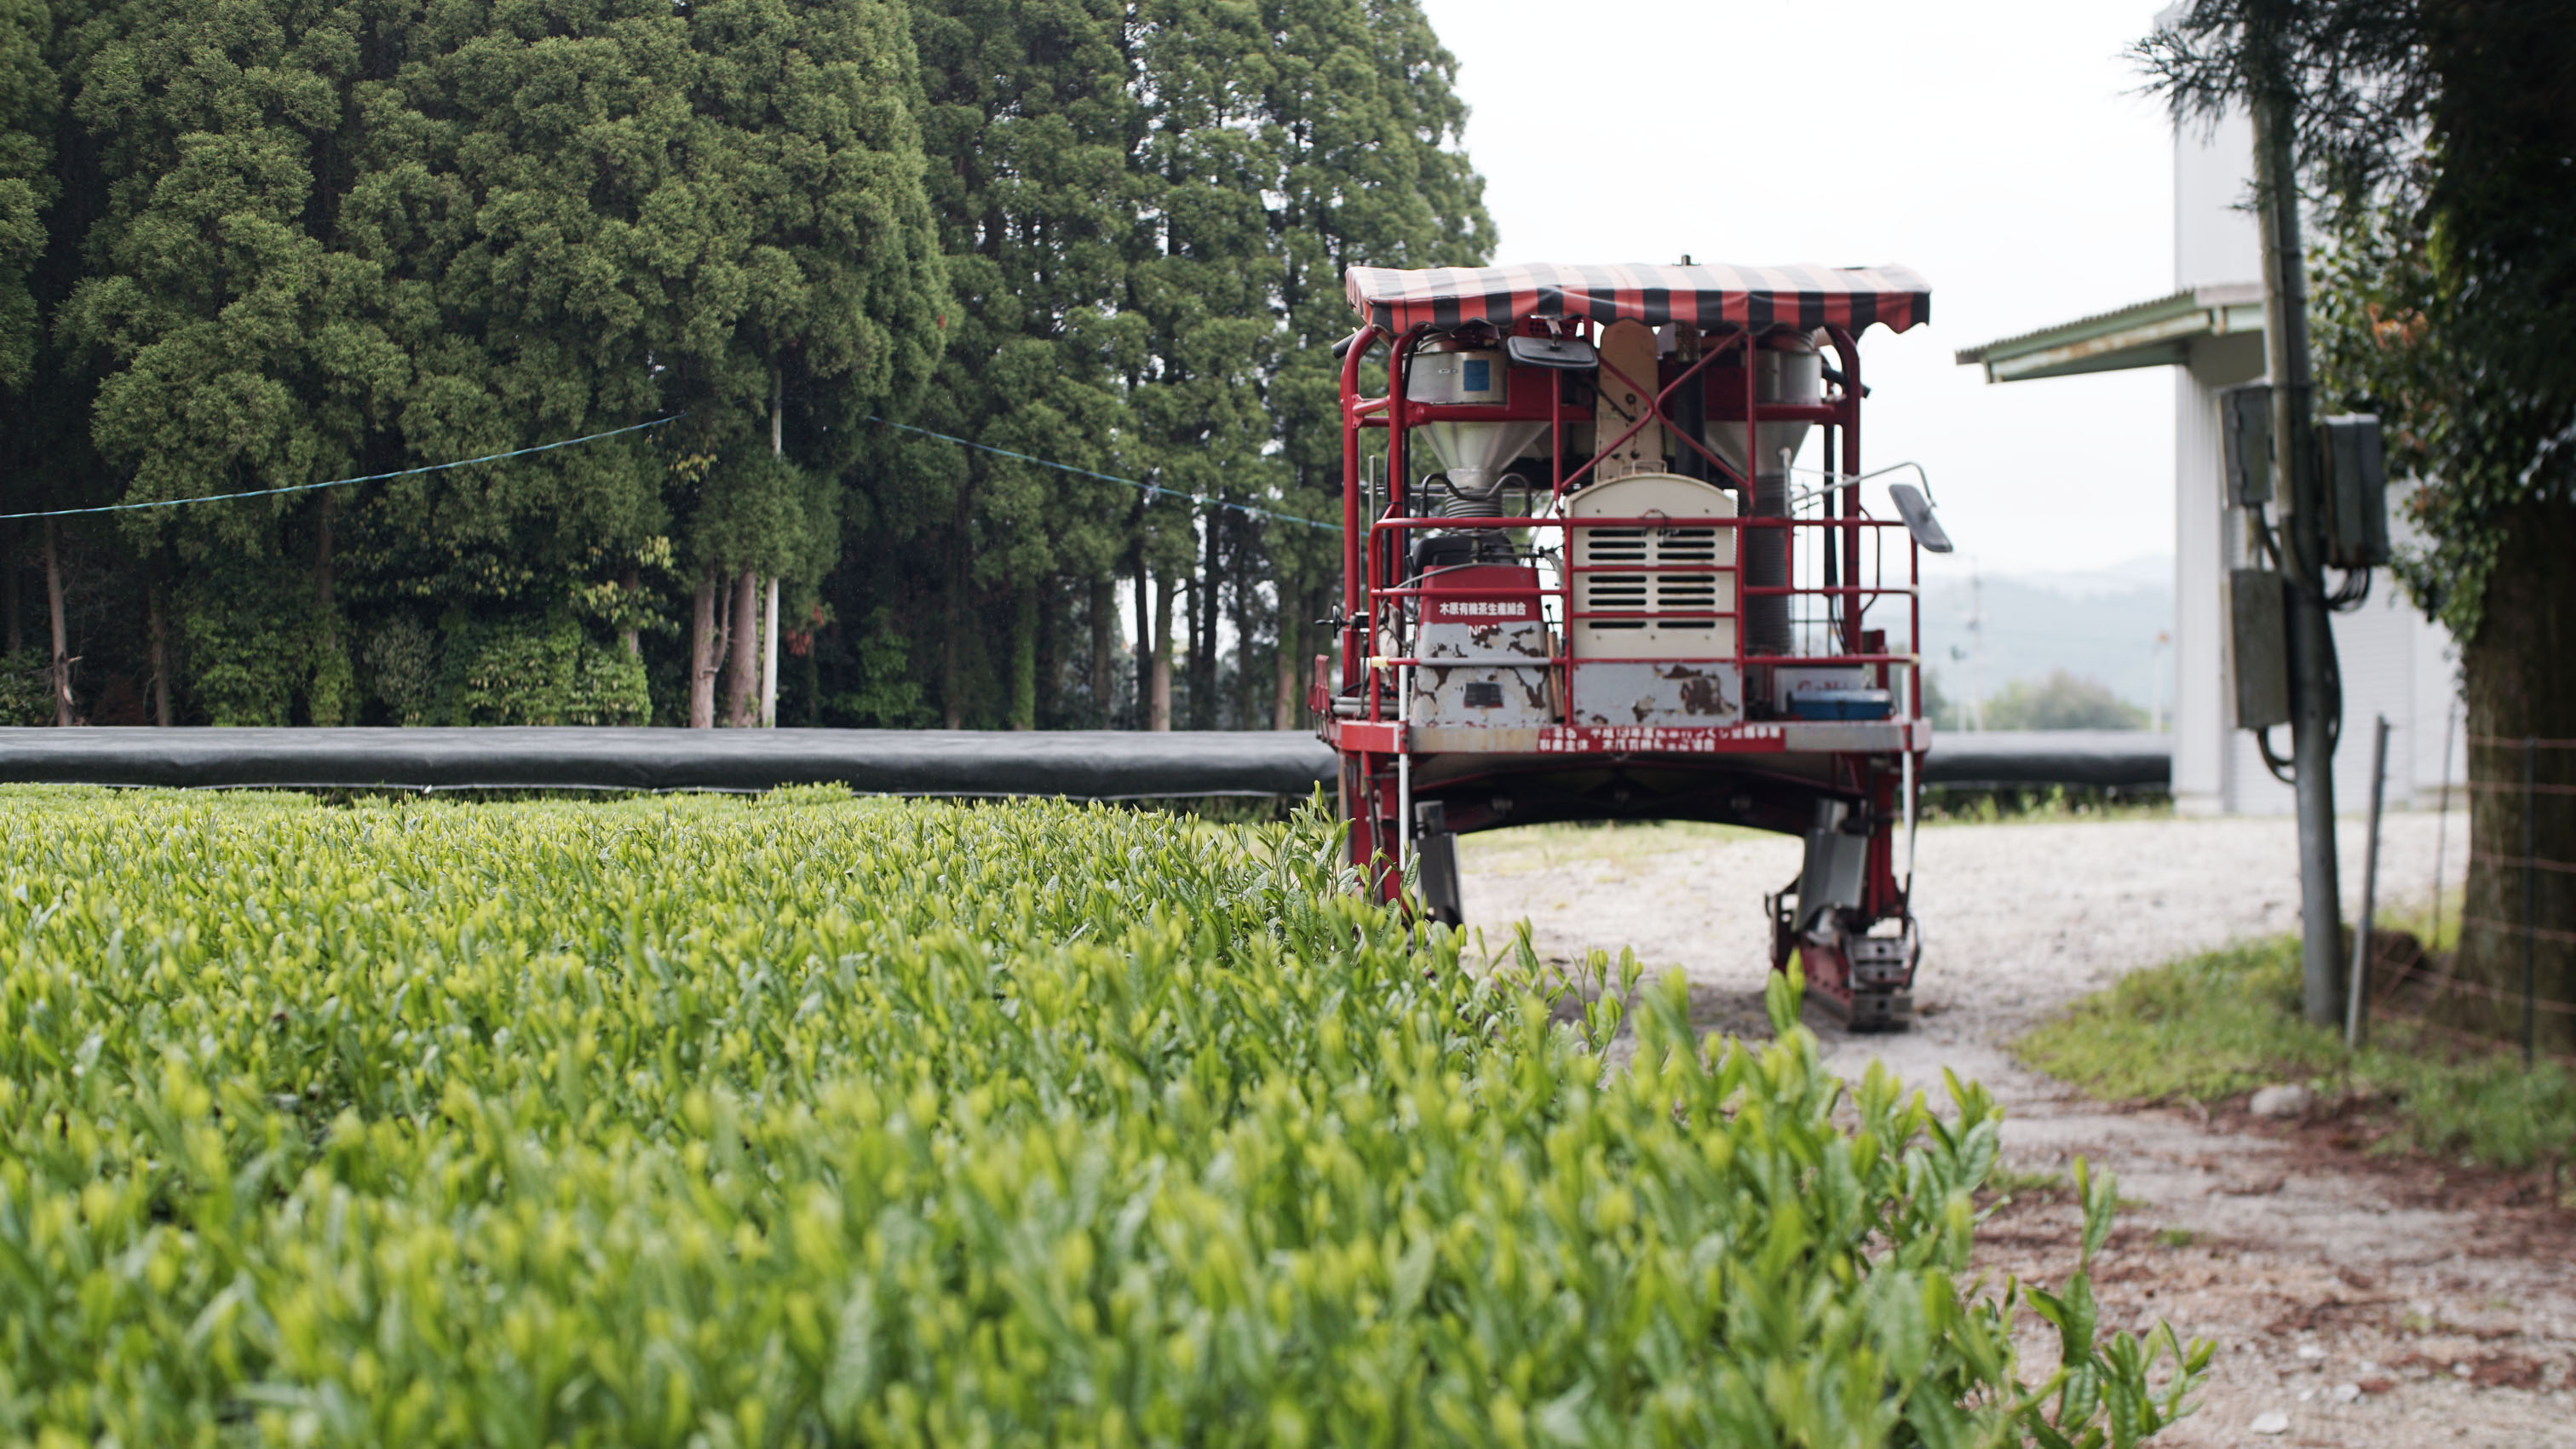 La récolte du KIRISHIMA ARACHA SHINCHA est terminée, la moissonneuse se tient maintenant à côté du site de traitement de Shutaro Hayashi et attend la prochaine mission (Photo : Arun Herzog).